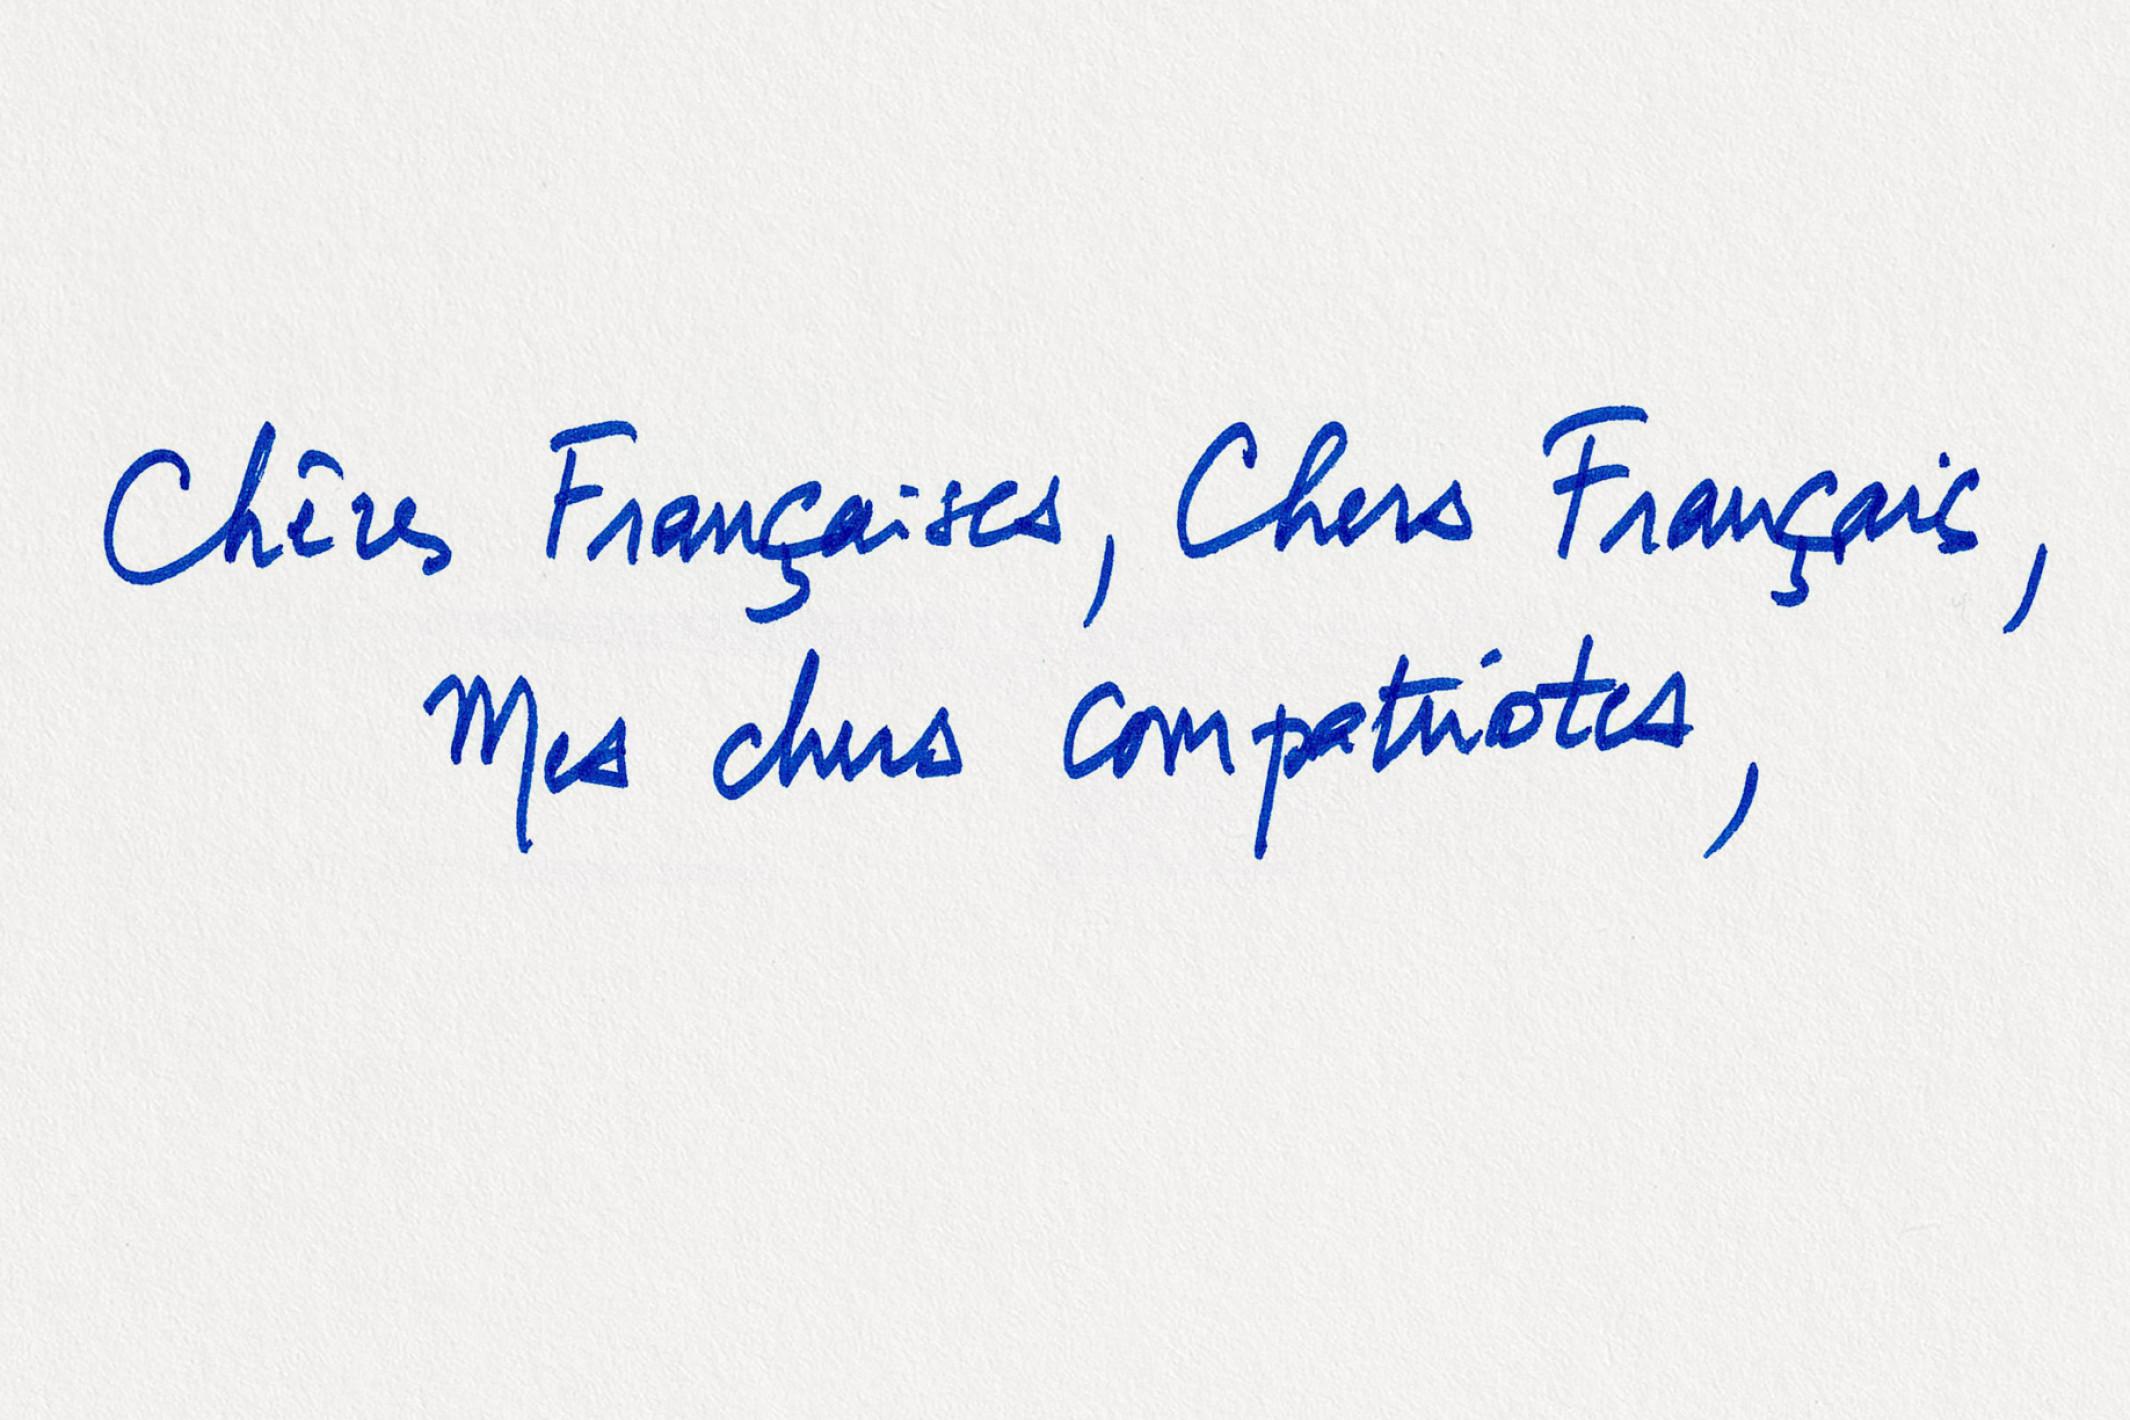 Le Président Emmanuel Macron s'adresse aux Français dans une lettre ouverte qui lance le #GrandDébatNational